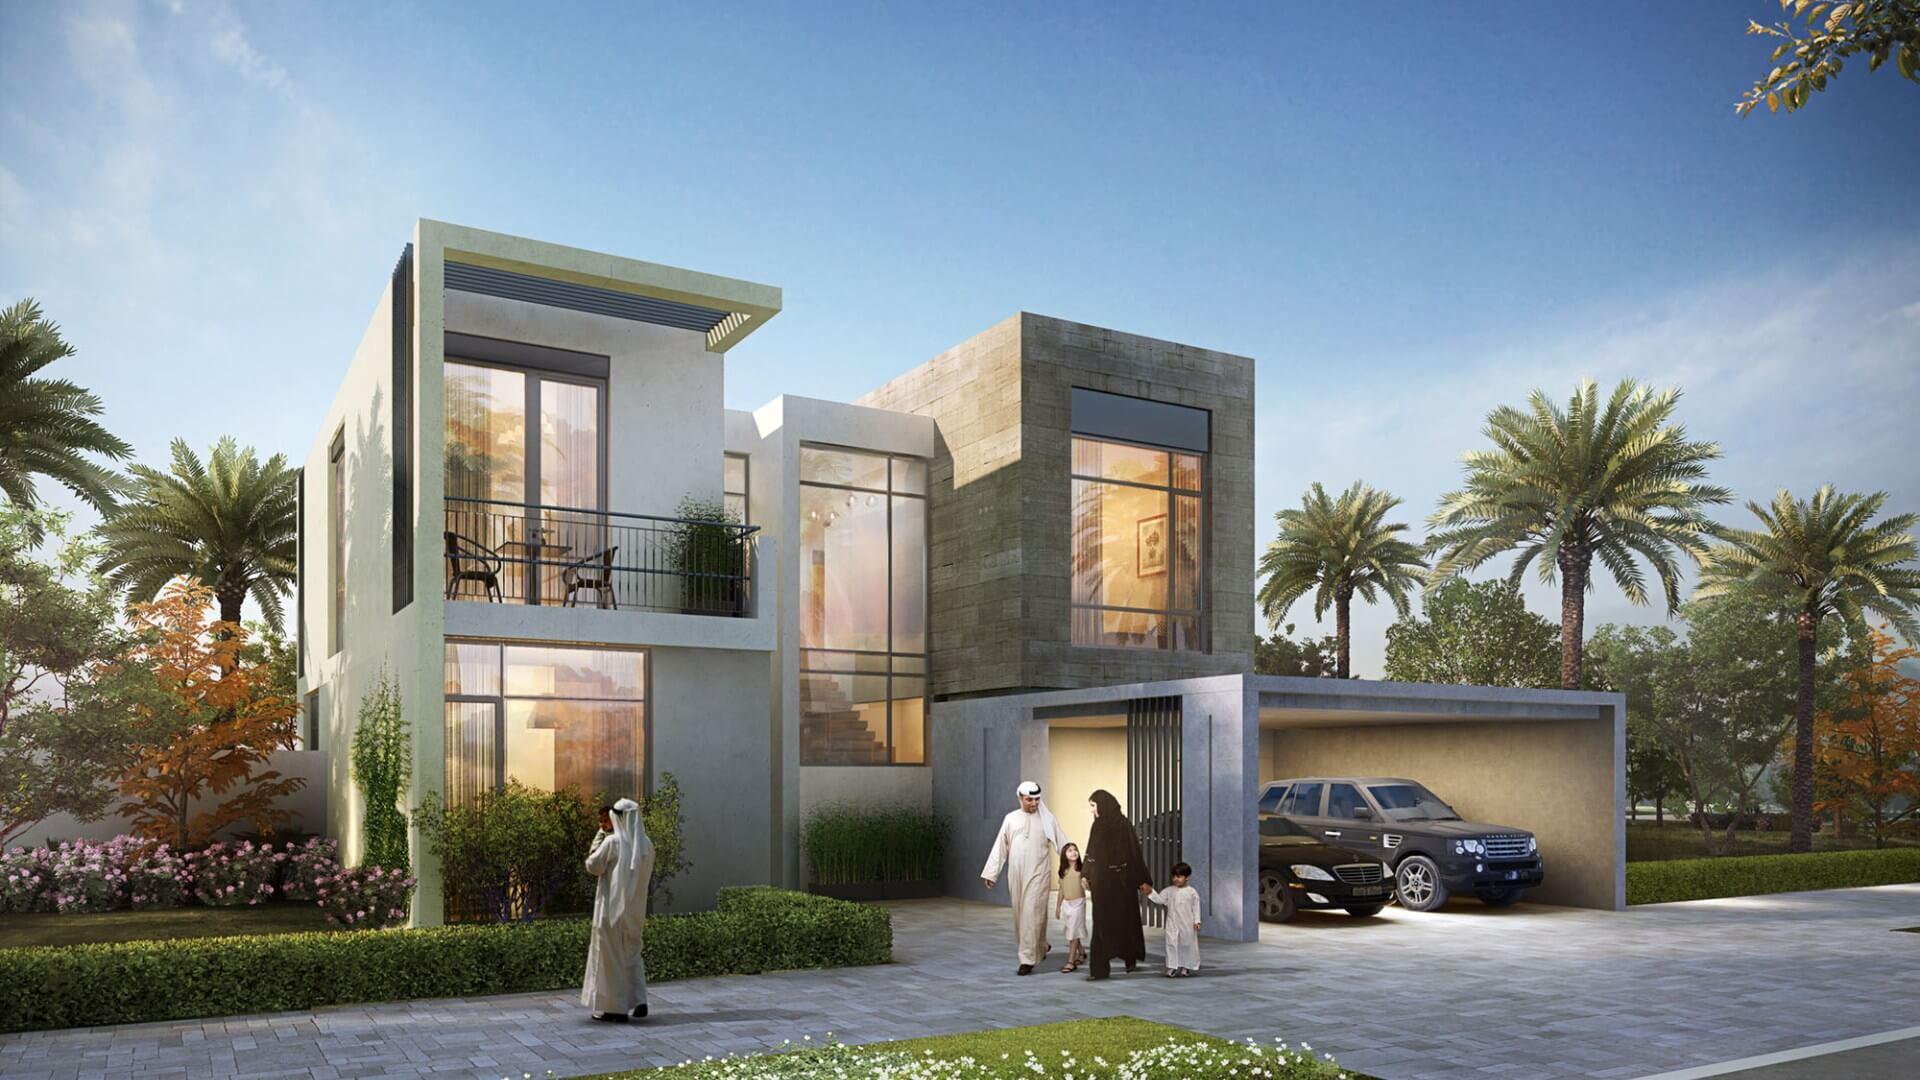 Villa en venta en Dubai, EAU, 3 dormitorios, 180 m2, № 24246 – foto 1